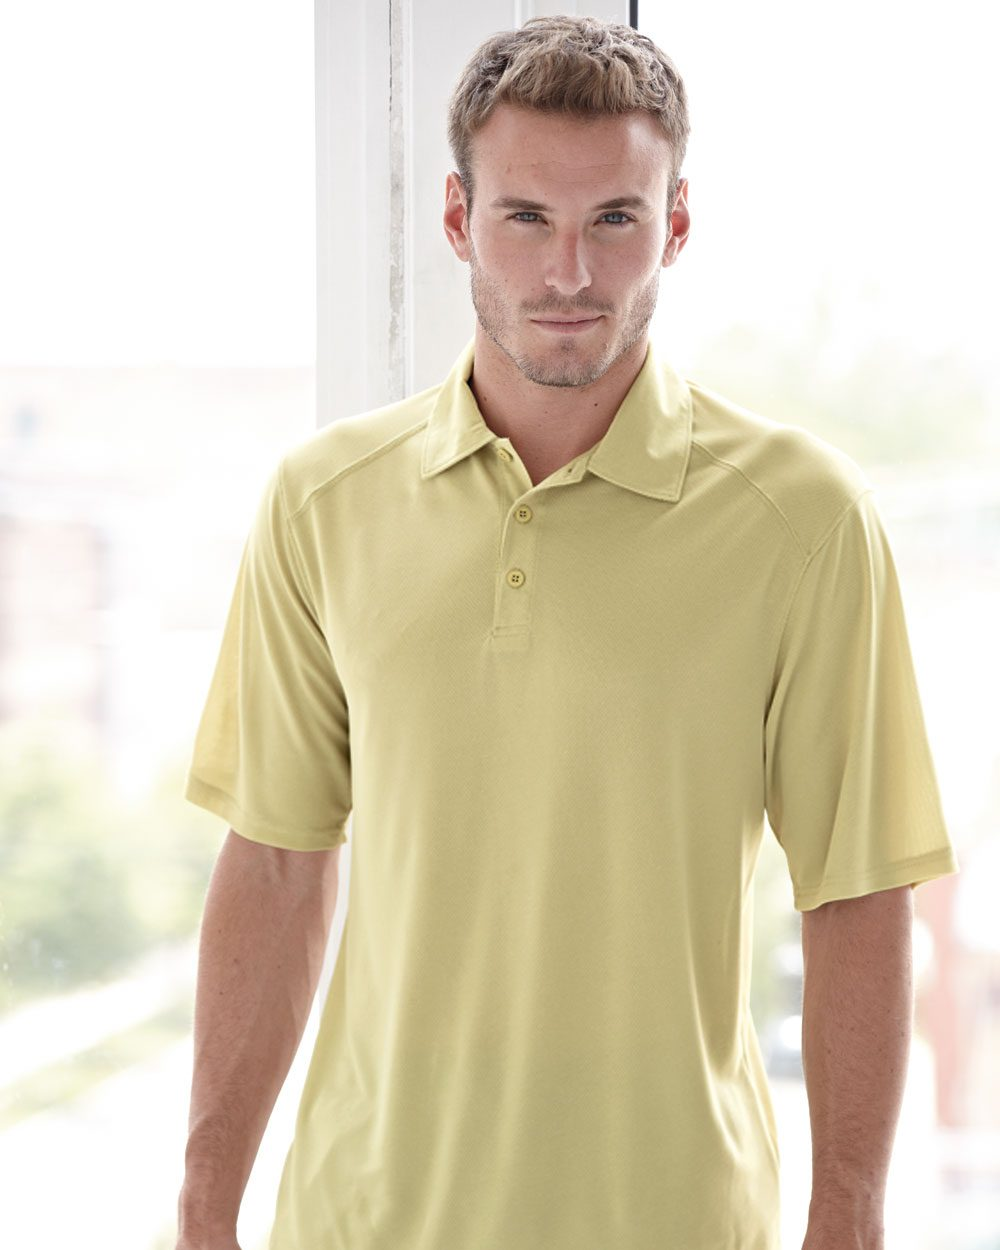 Augusta Sportswear 5001 - Vision Textured Knit Sport Shirt